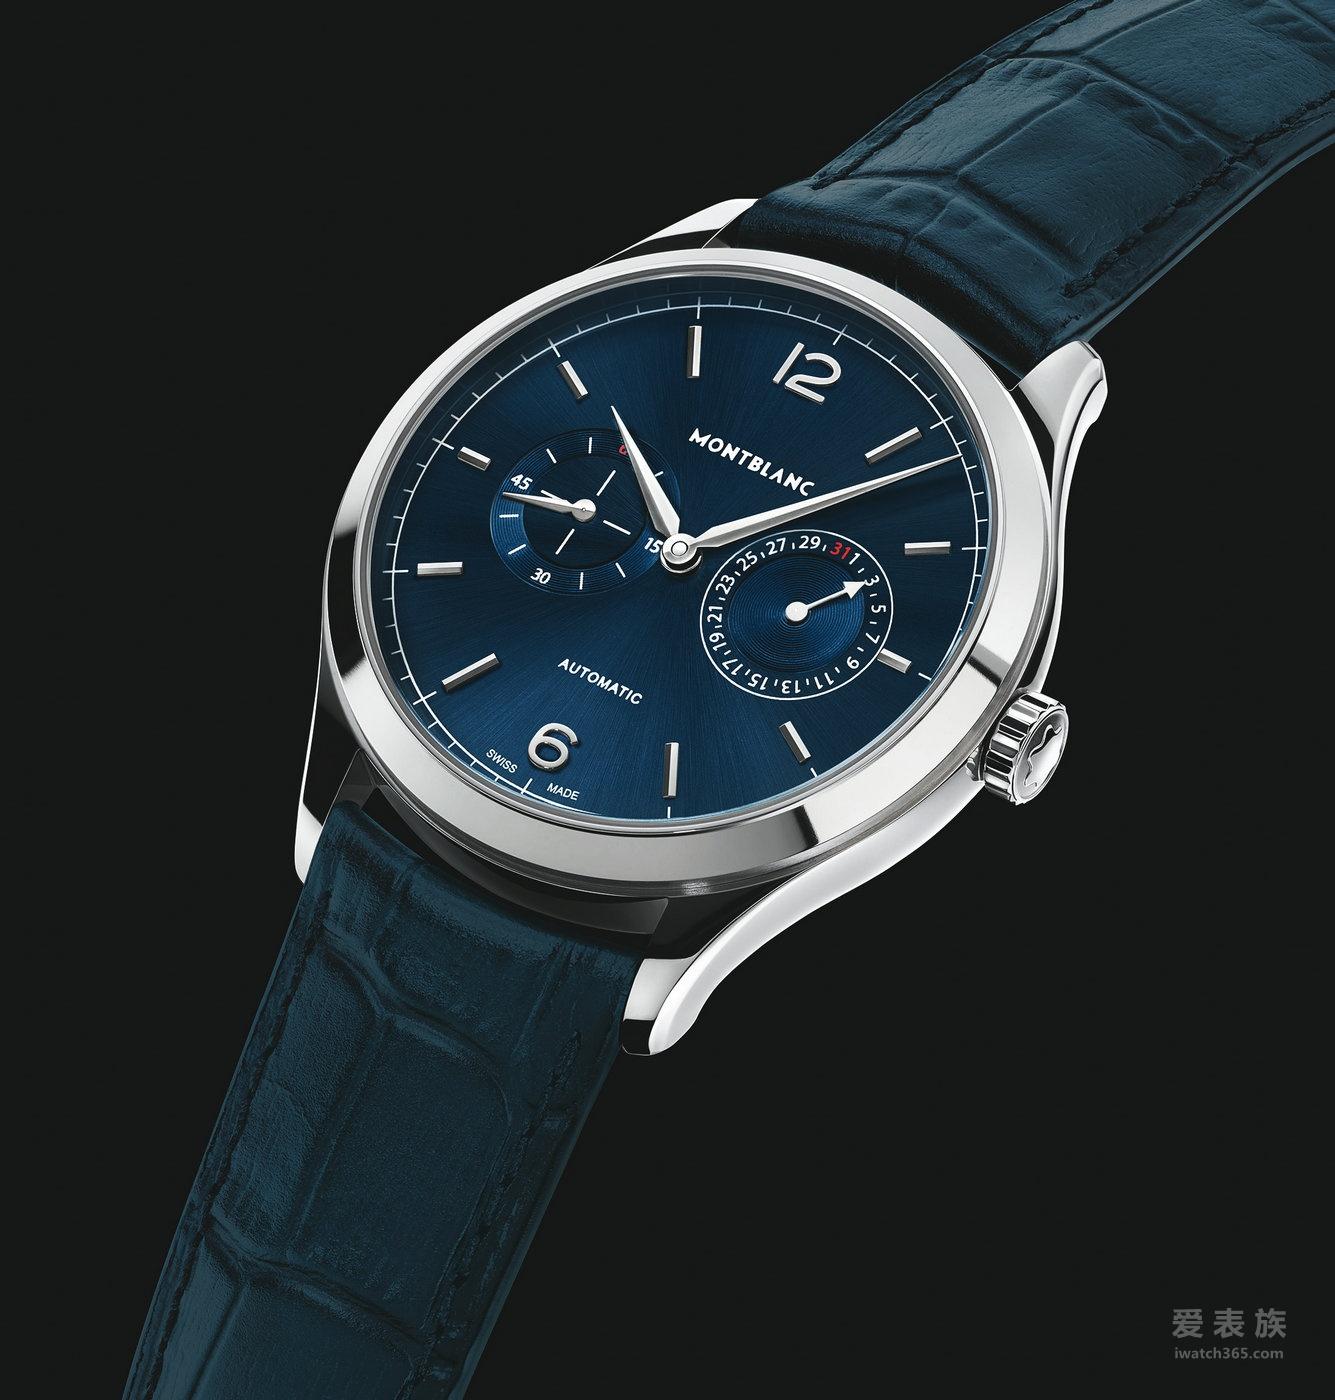 万宝龙传承精密计时系列再添两款全新蓝色复古造型腕表